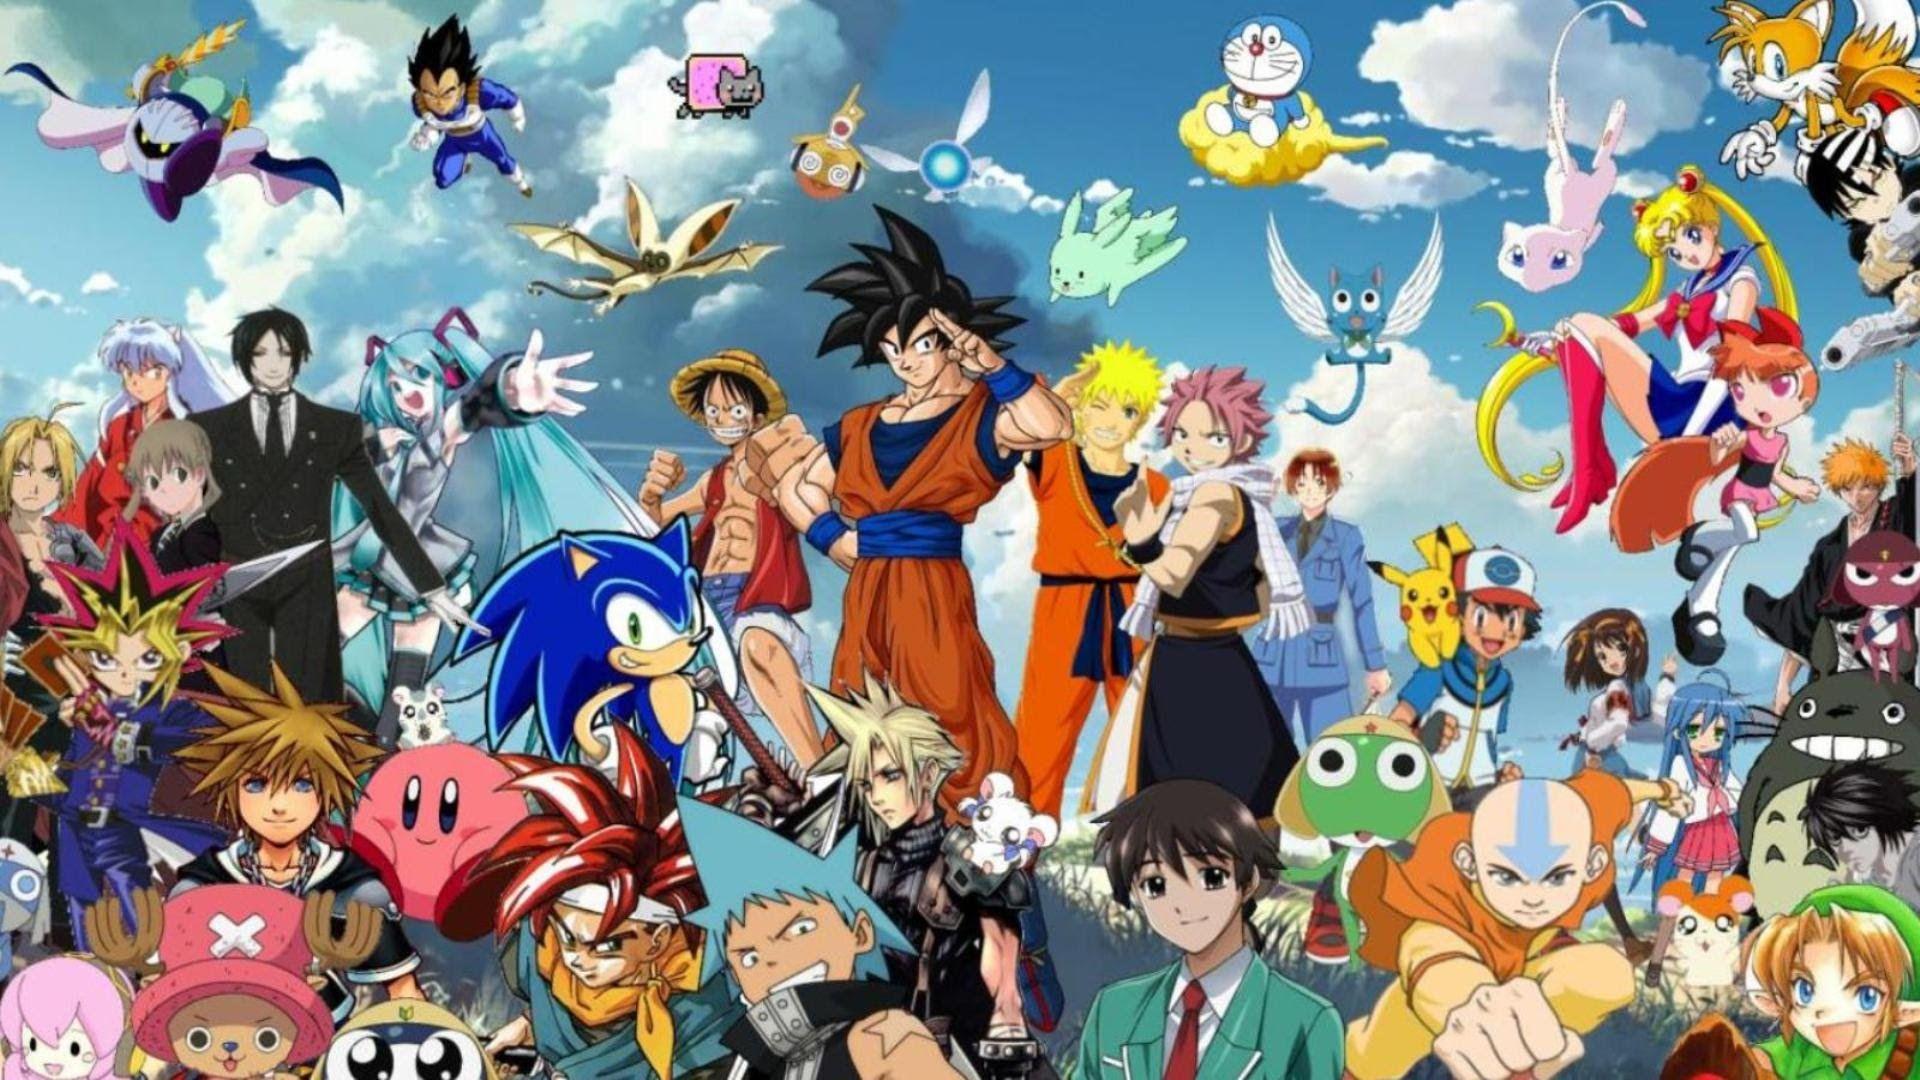 Strong Anime Characters Goku Aang Natsu Luffy Sora Vegeta